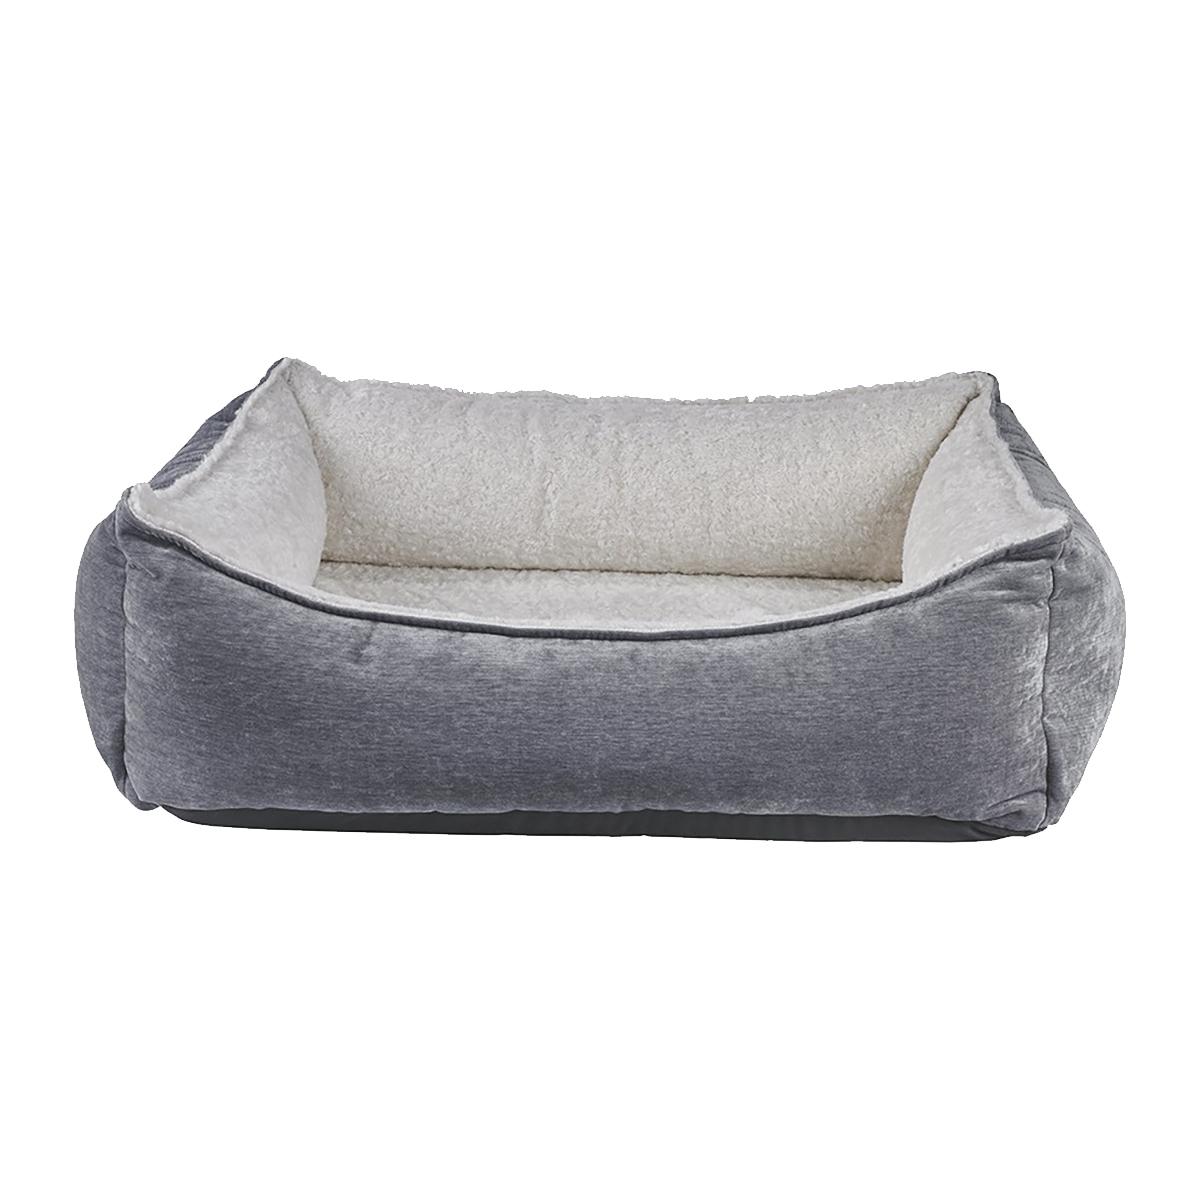 Bowser Beds